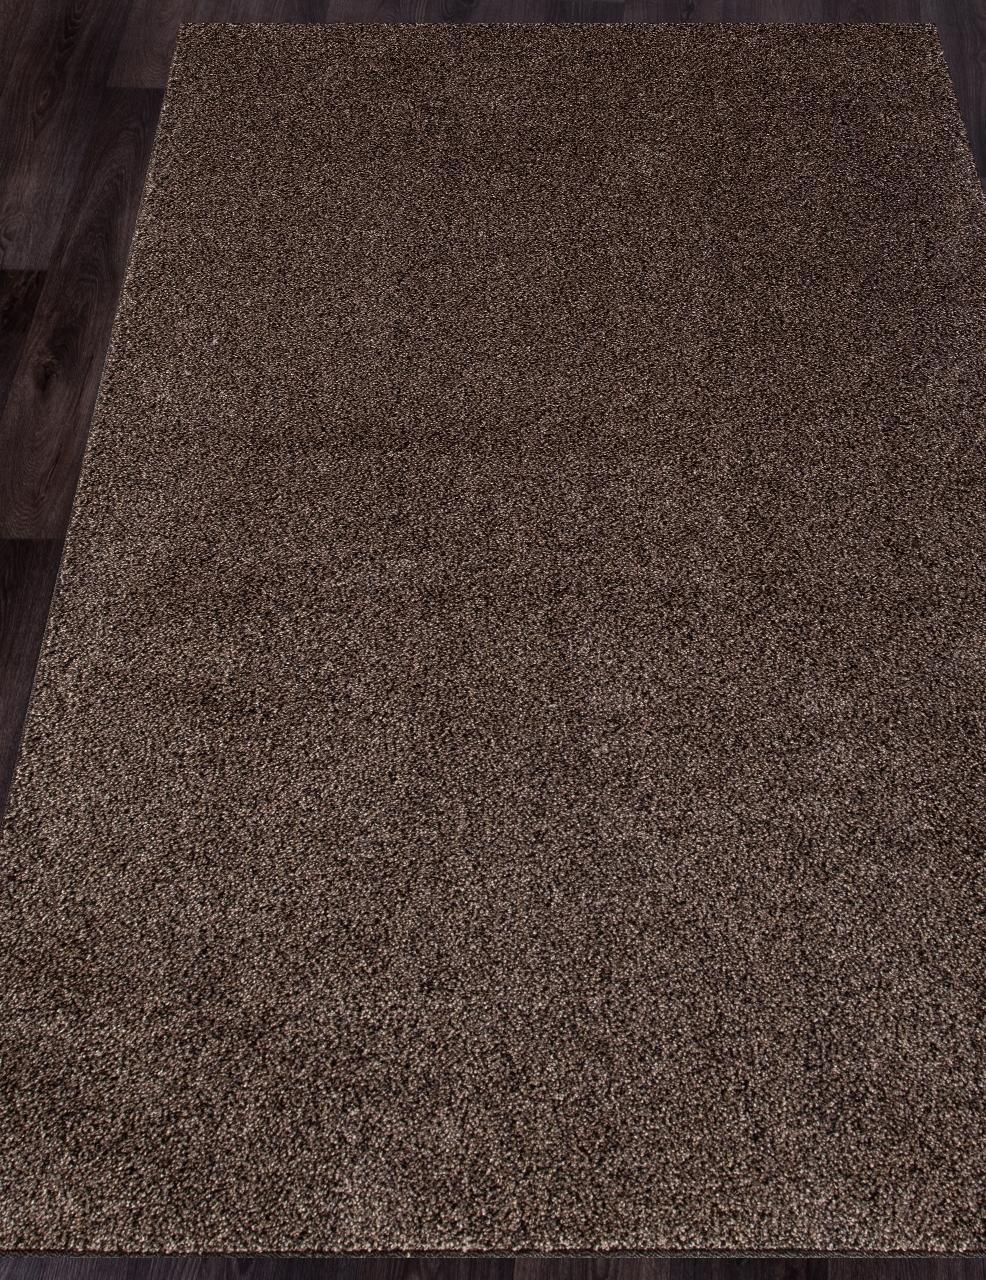 Ковер t600 - D.BEIGE-BROWN - Прямоугольник - коллекция PLATINUM